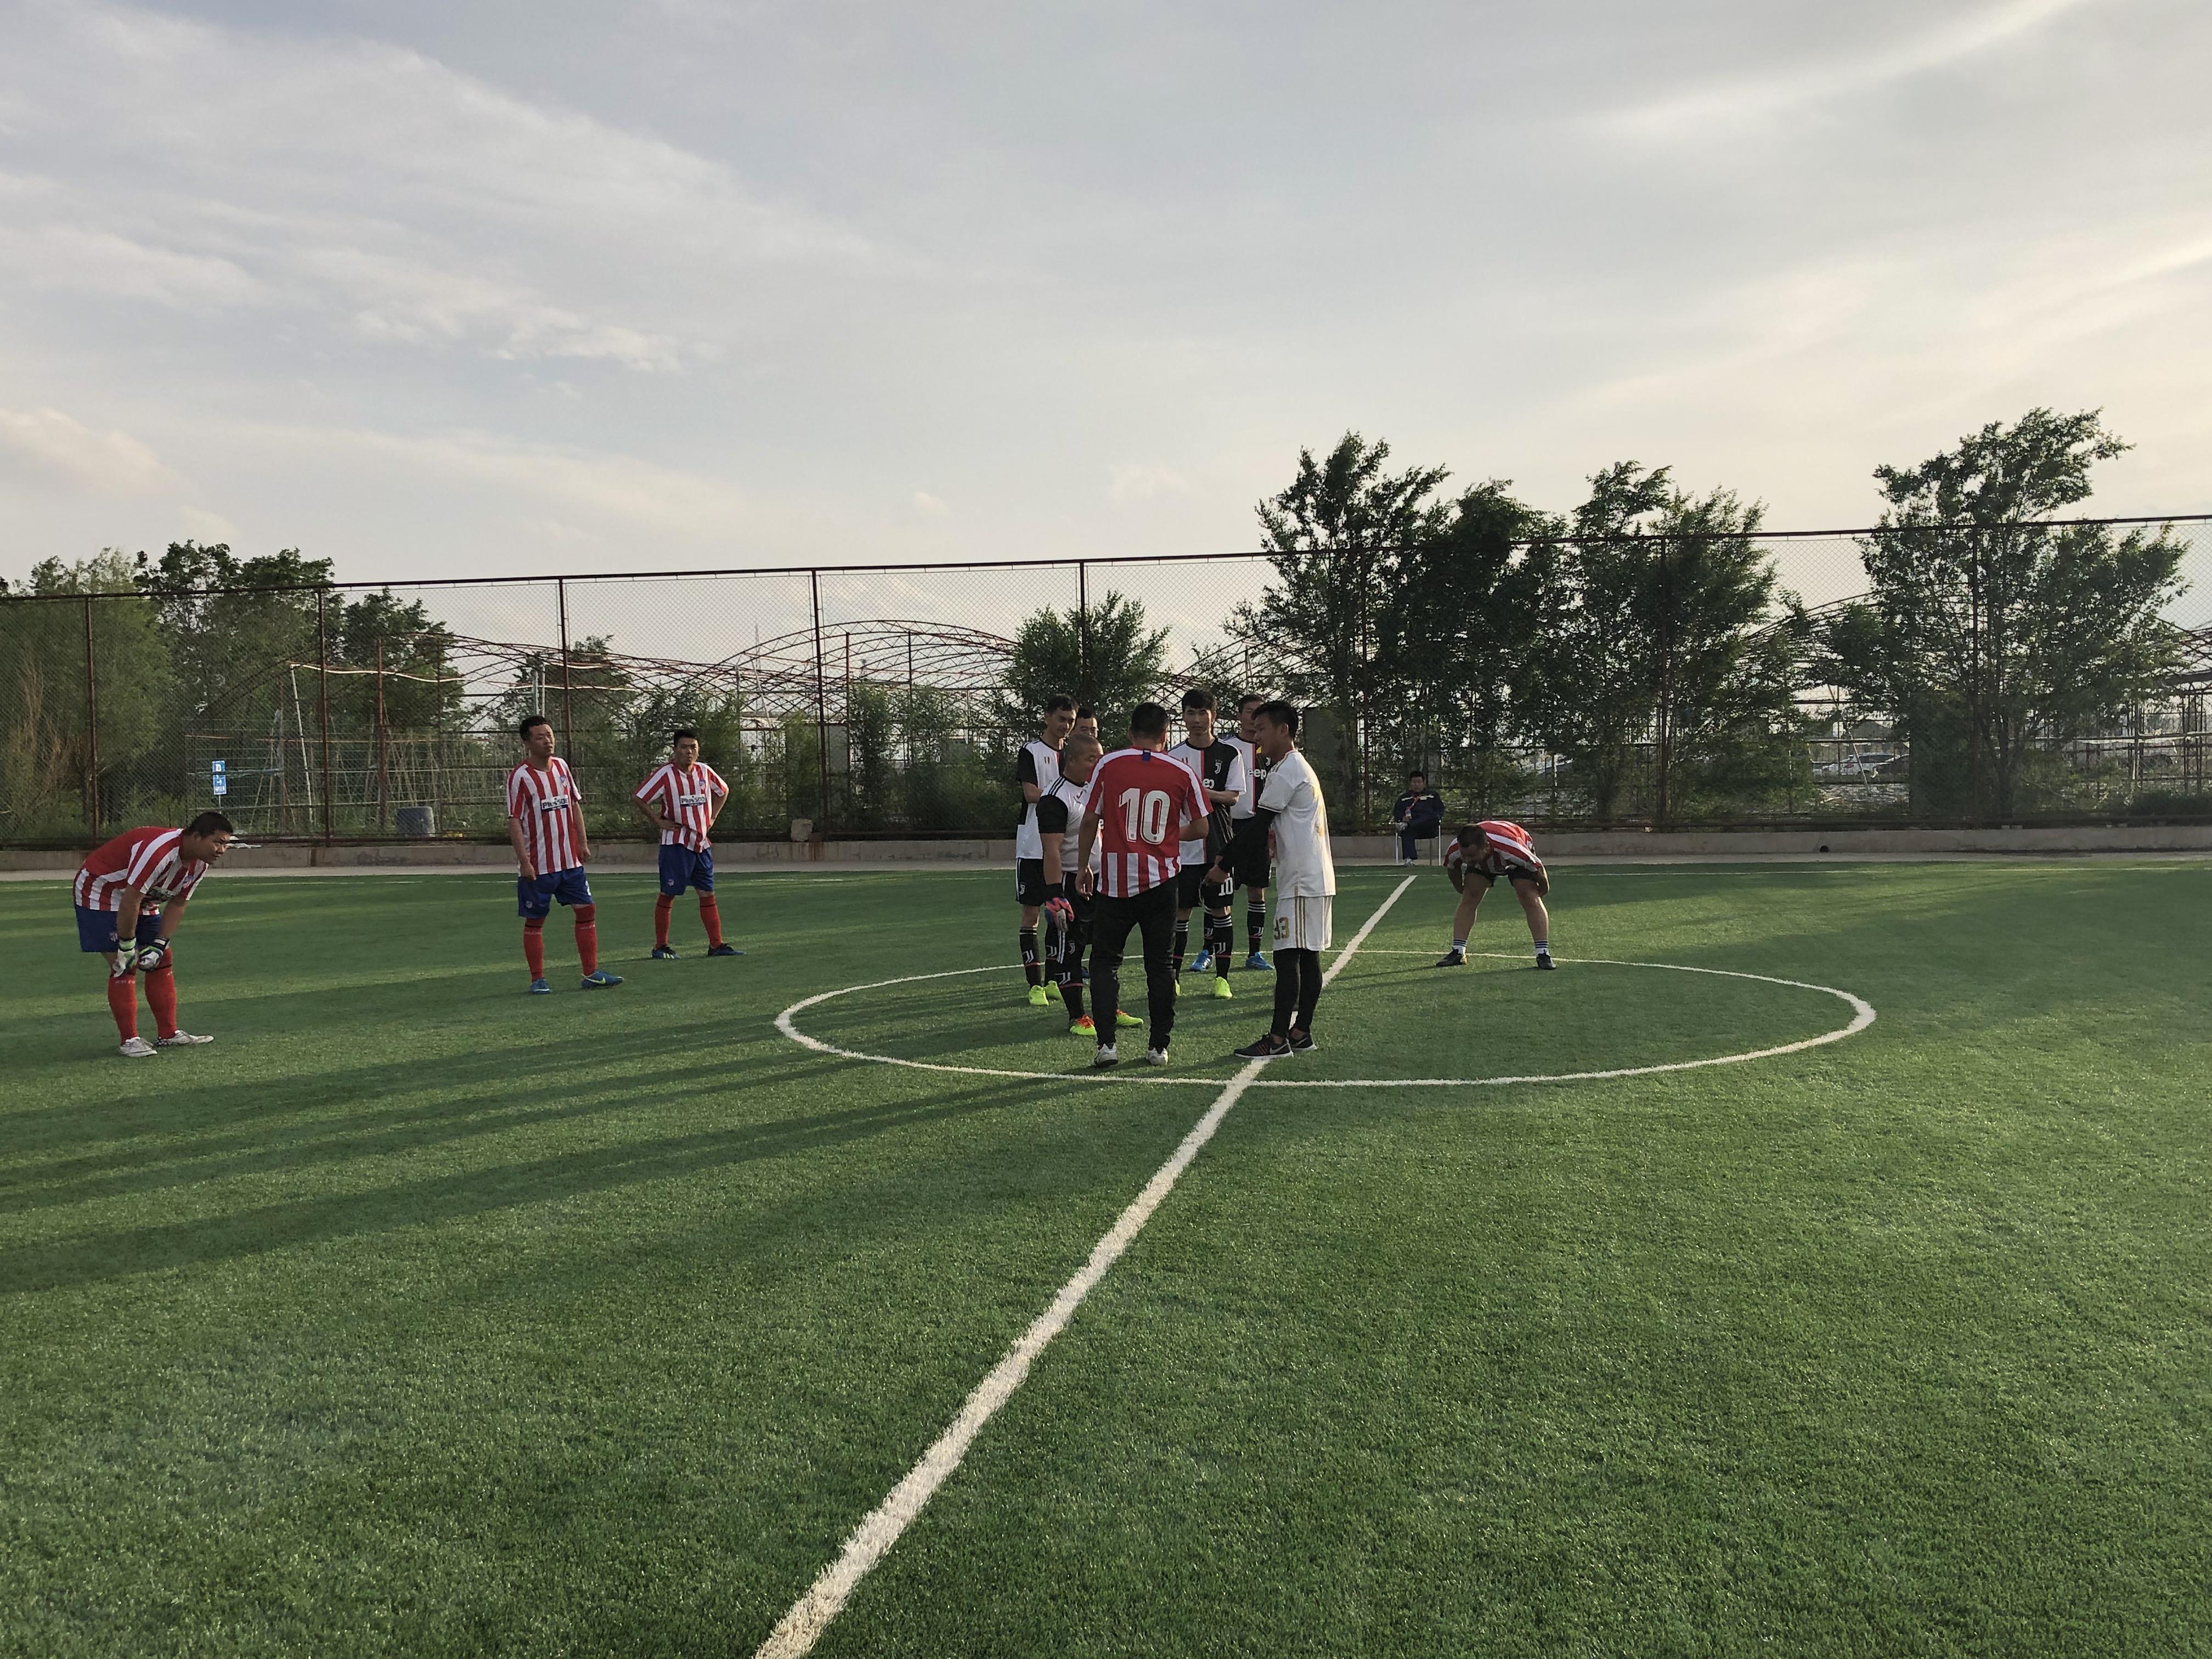 足球赛照片-1